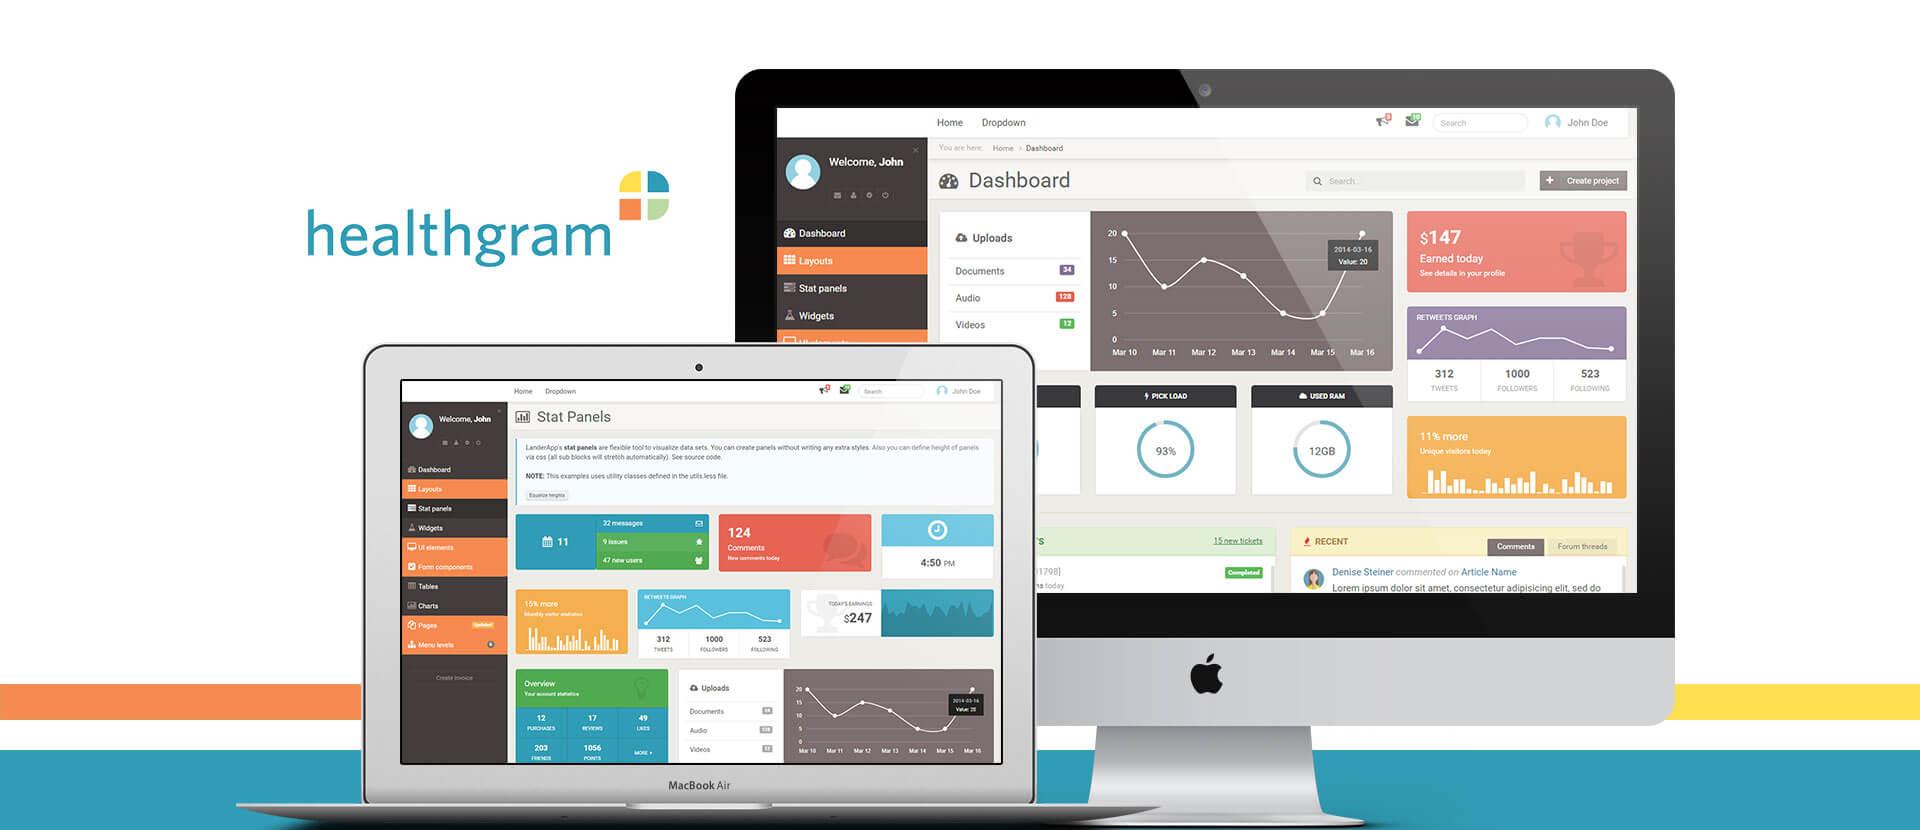 Healthgram-Device-start-panel-slider-2